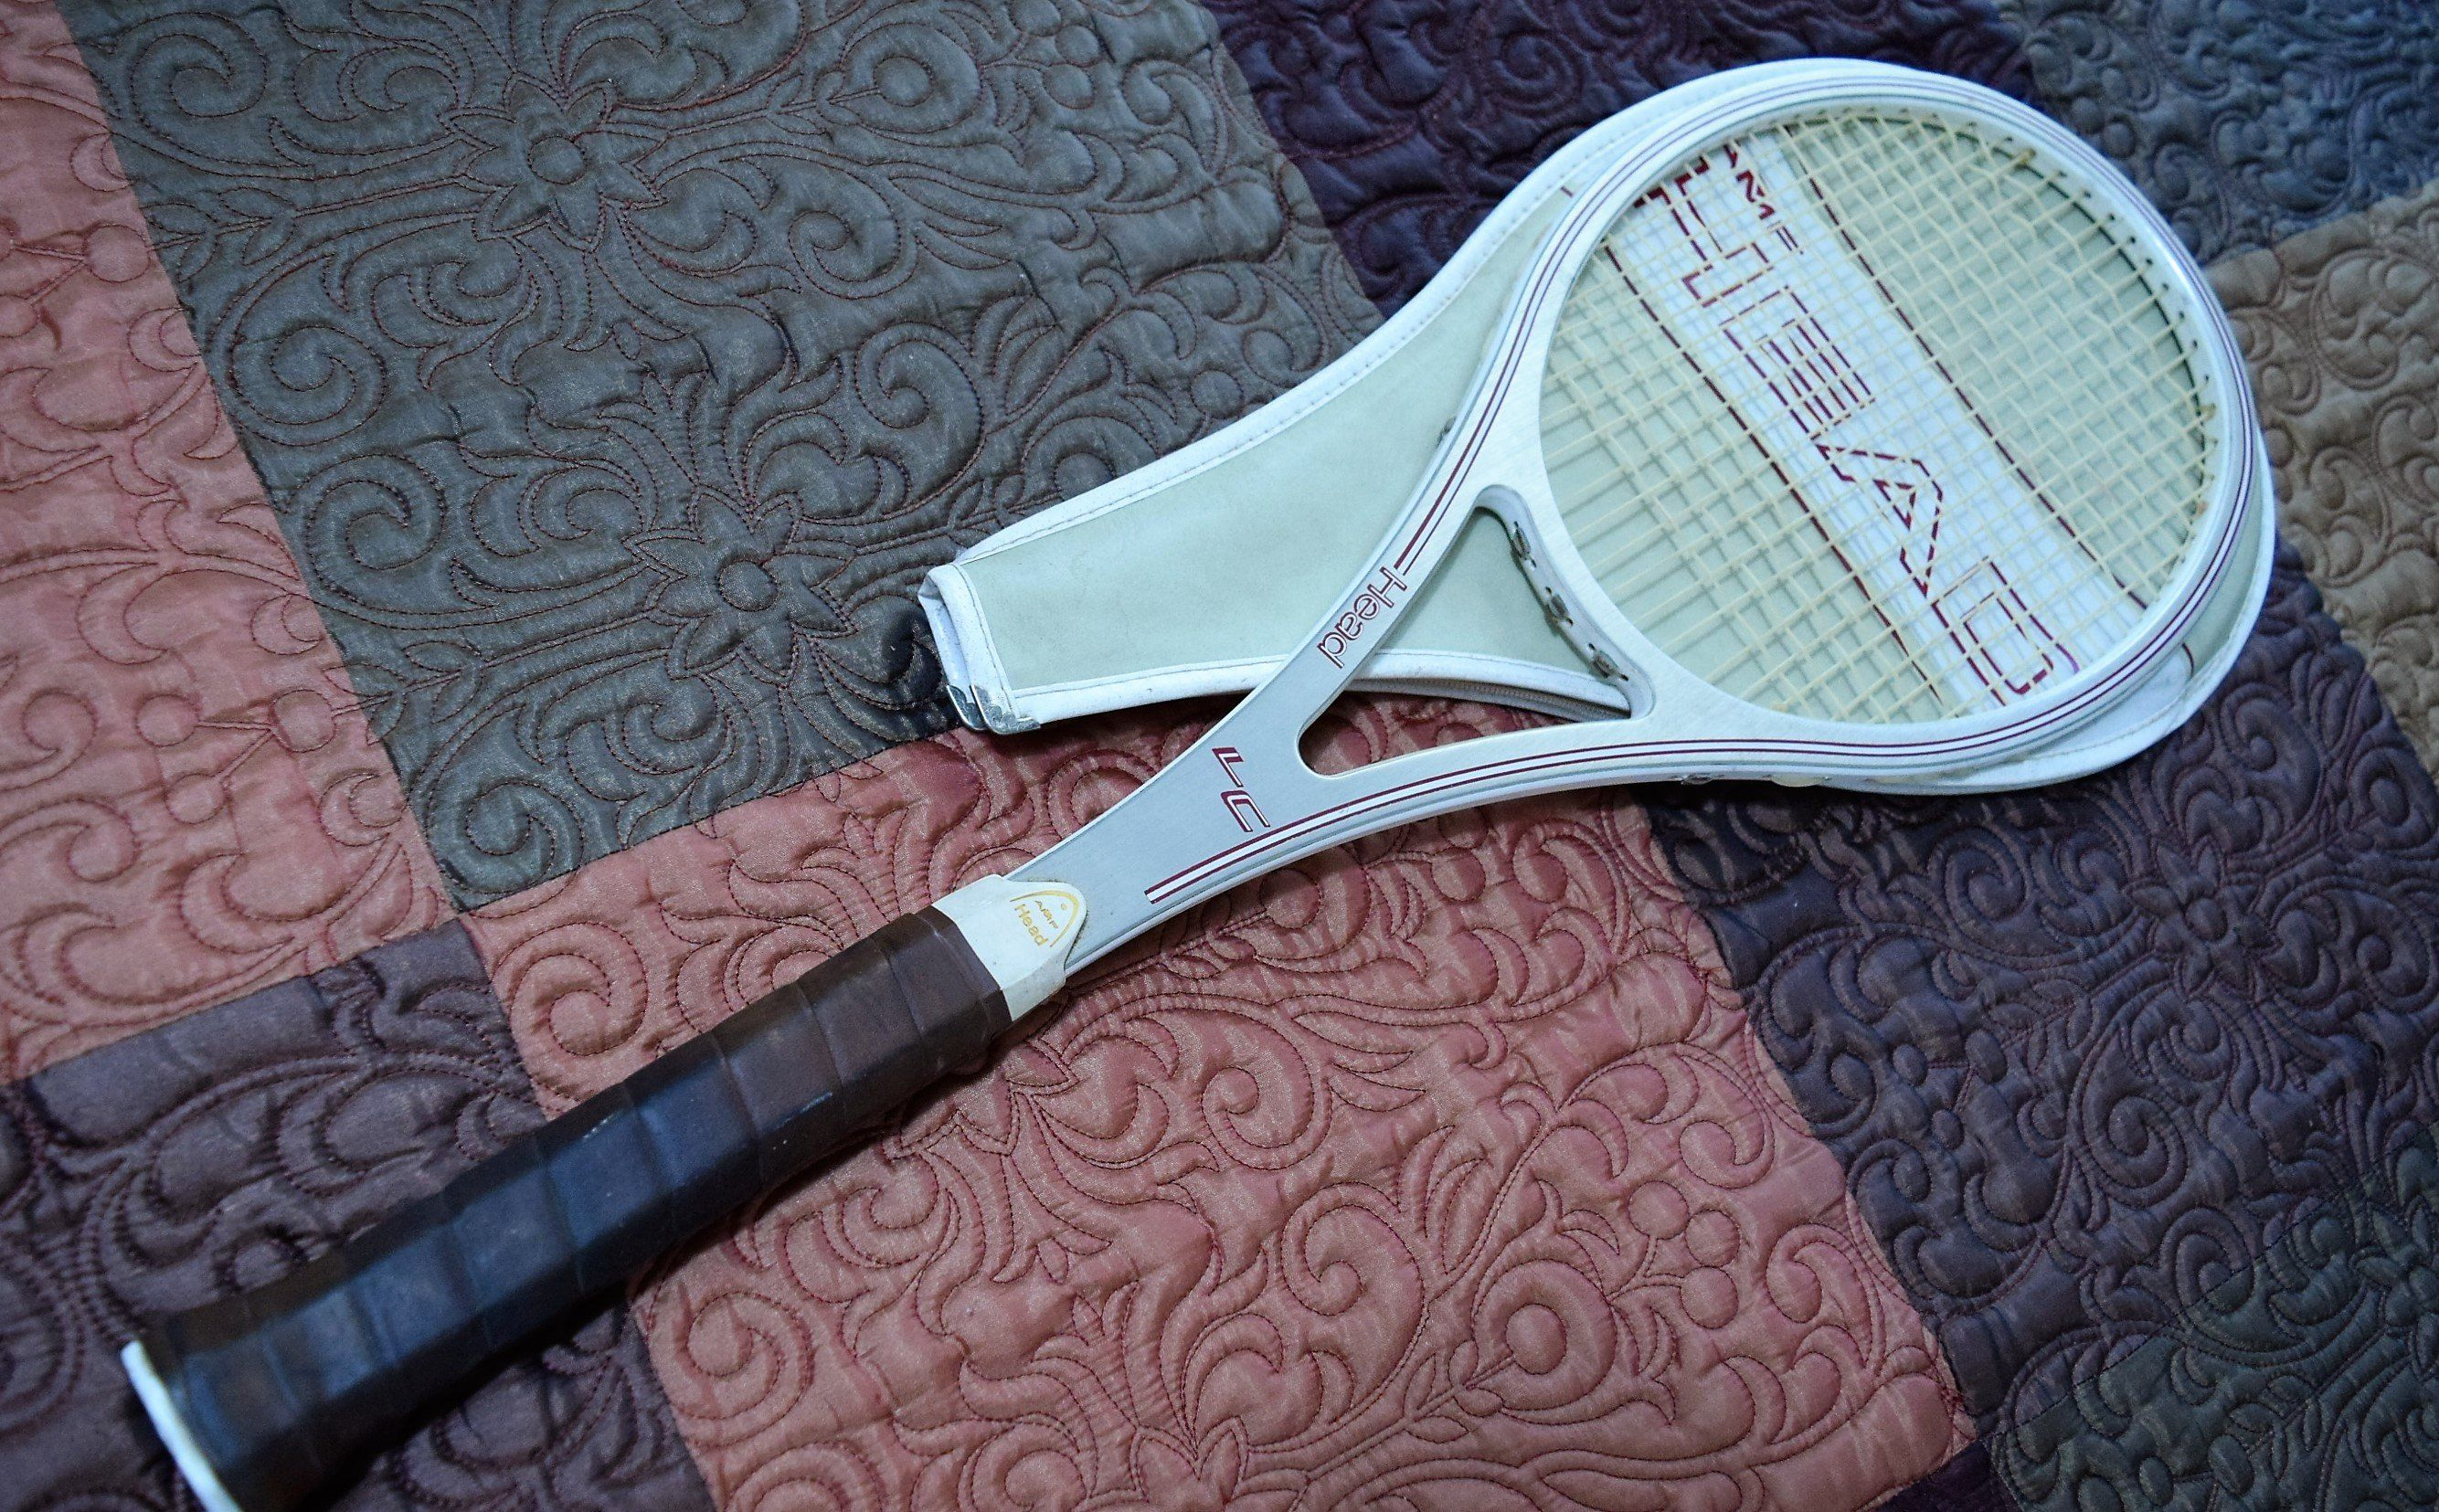 Head tennis raquet - gray   Head tennis, Tennis, Tennis racket